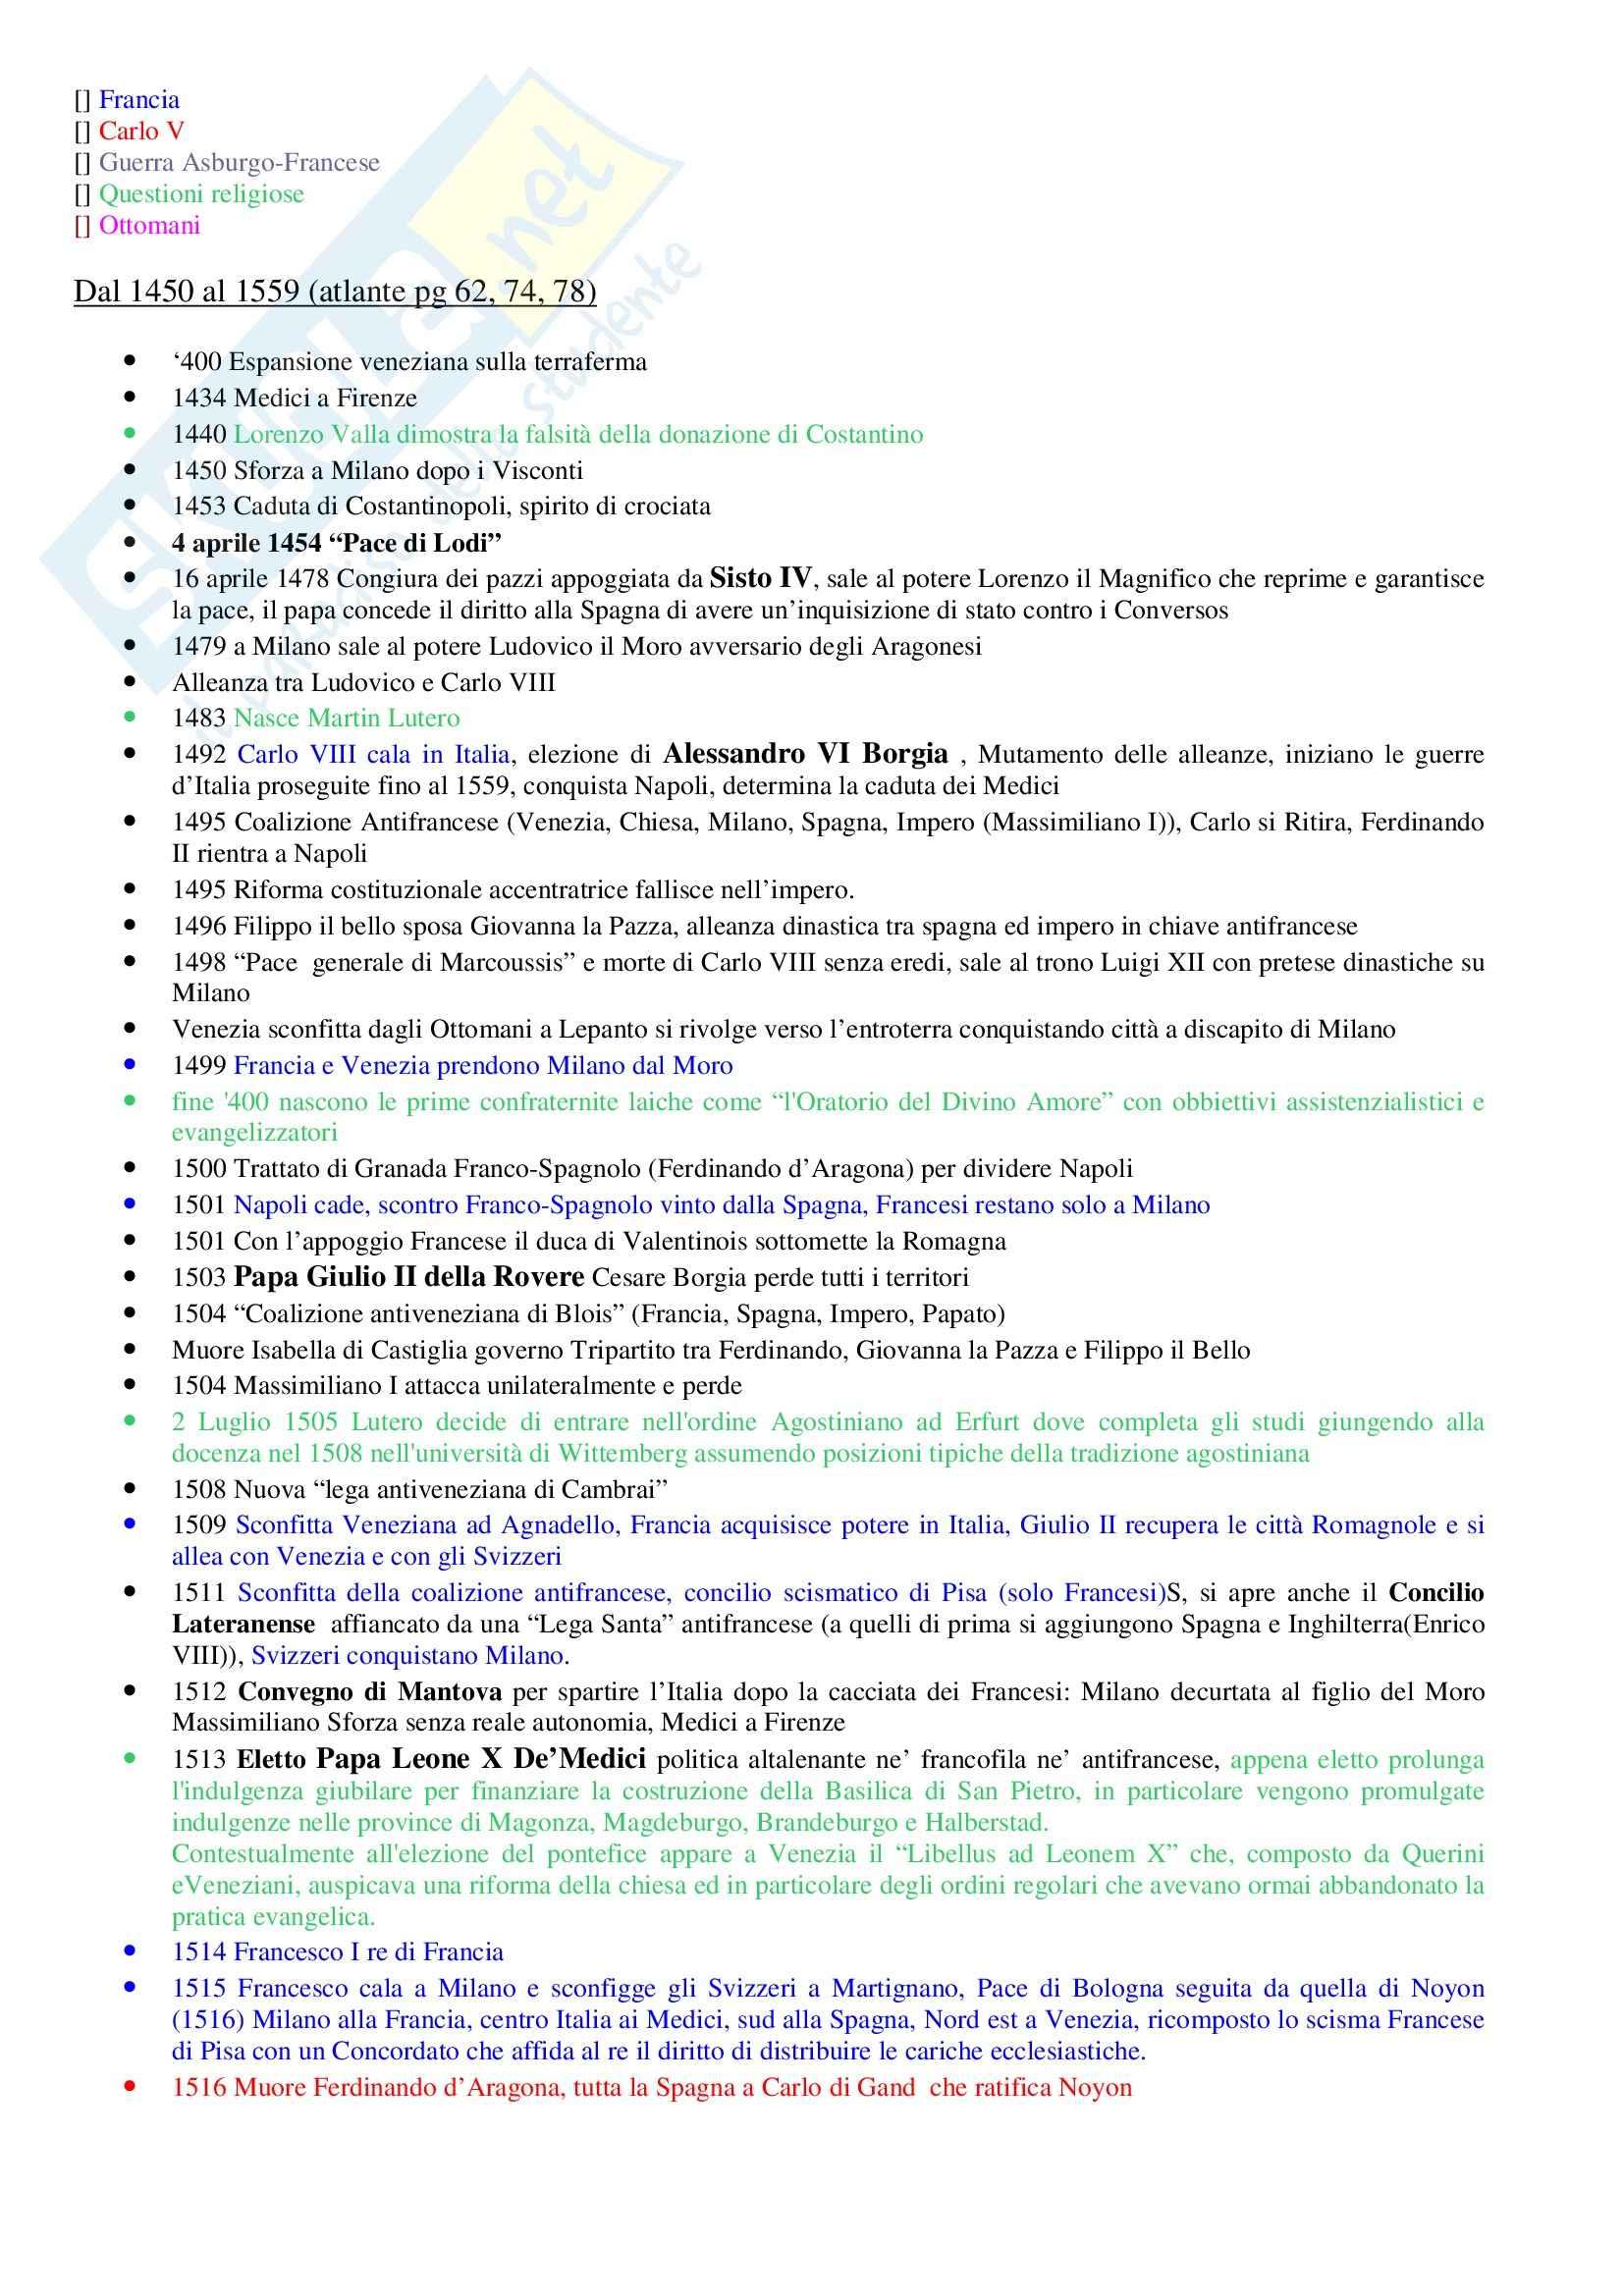 Storia Moderna - Cronologia essenziale Pag. 2